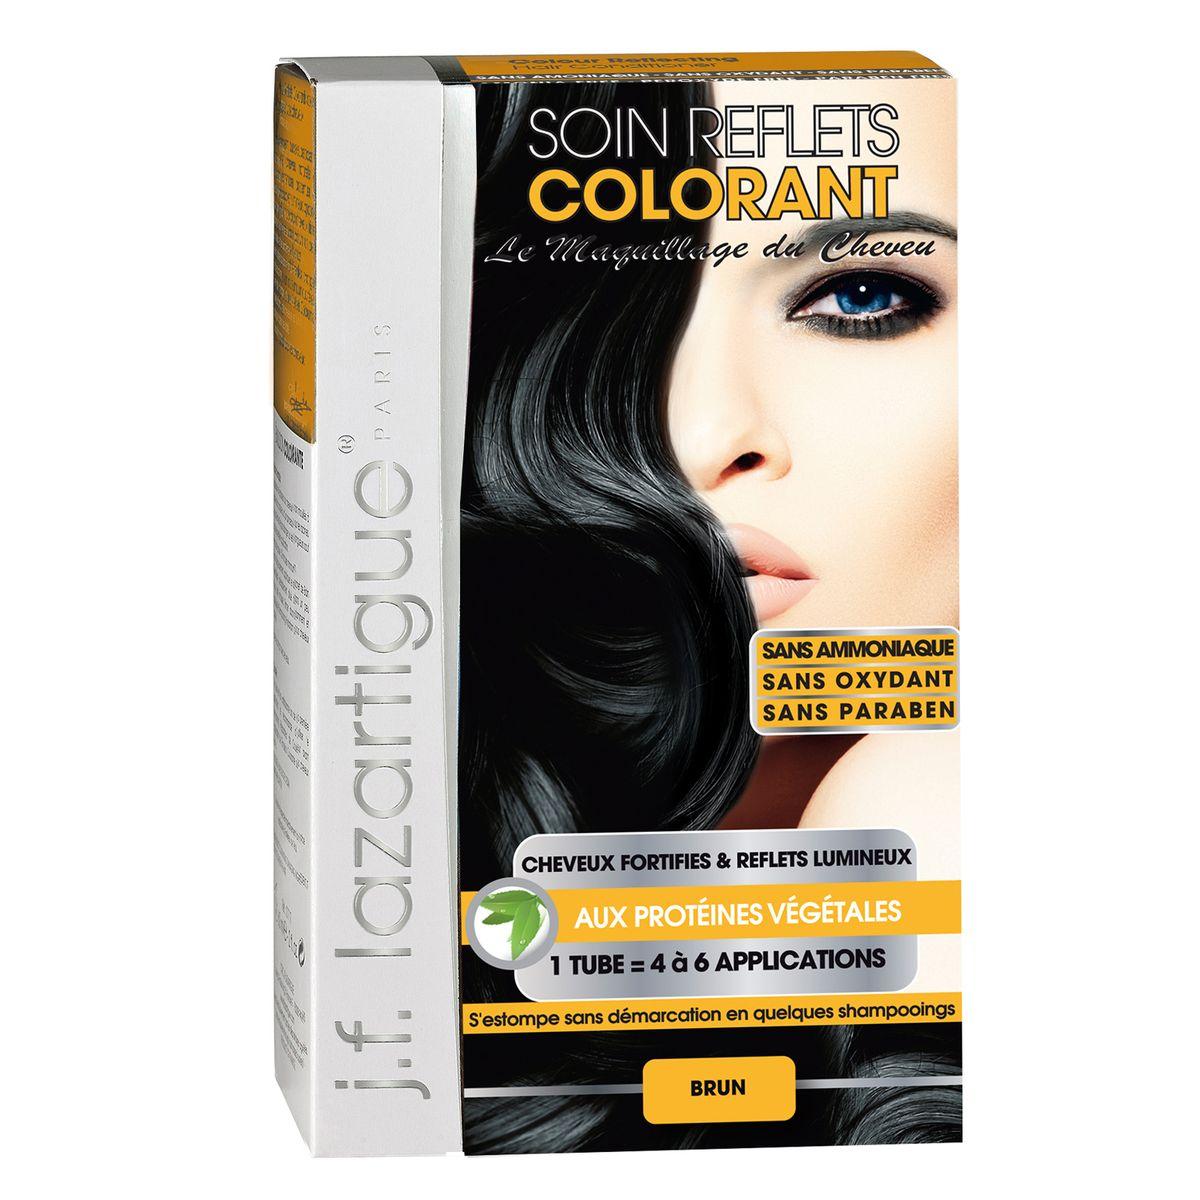 J.F.Lazartigue Оттеночный кондиционер для волос Черный 100 млMP59.4DОттеночный кондиционер J.F.LAZARTIGUE – это лечебный макияж для Ваших волос. Два эффекта: кондиционирование волос и легкий оттенок. Особенности: придает новый или более теплый (или холодный) оттенок, делает тон темнее или акцентирует цвет, оживляет естественный цвет или придает яркость тусклым и выцветшим на солнце волосам. Закрашивает небольшой процент седины! После мытья волос шампунем (3-6 раз) смывается. Для достижения индивидуального оттенка можно смешать два разных кондиционера: добавить к выбранному ТЕМНЫЙ РЫЖИЙ (Auburn), МЕДНЫЙ (Copper) и т.п. Не осветляет волосы. Не содержит аммиака и перекиси водорода. Не содержит парабенов. Не предназначен для окрашивания бровей и ресниц.